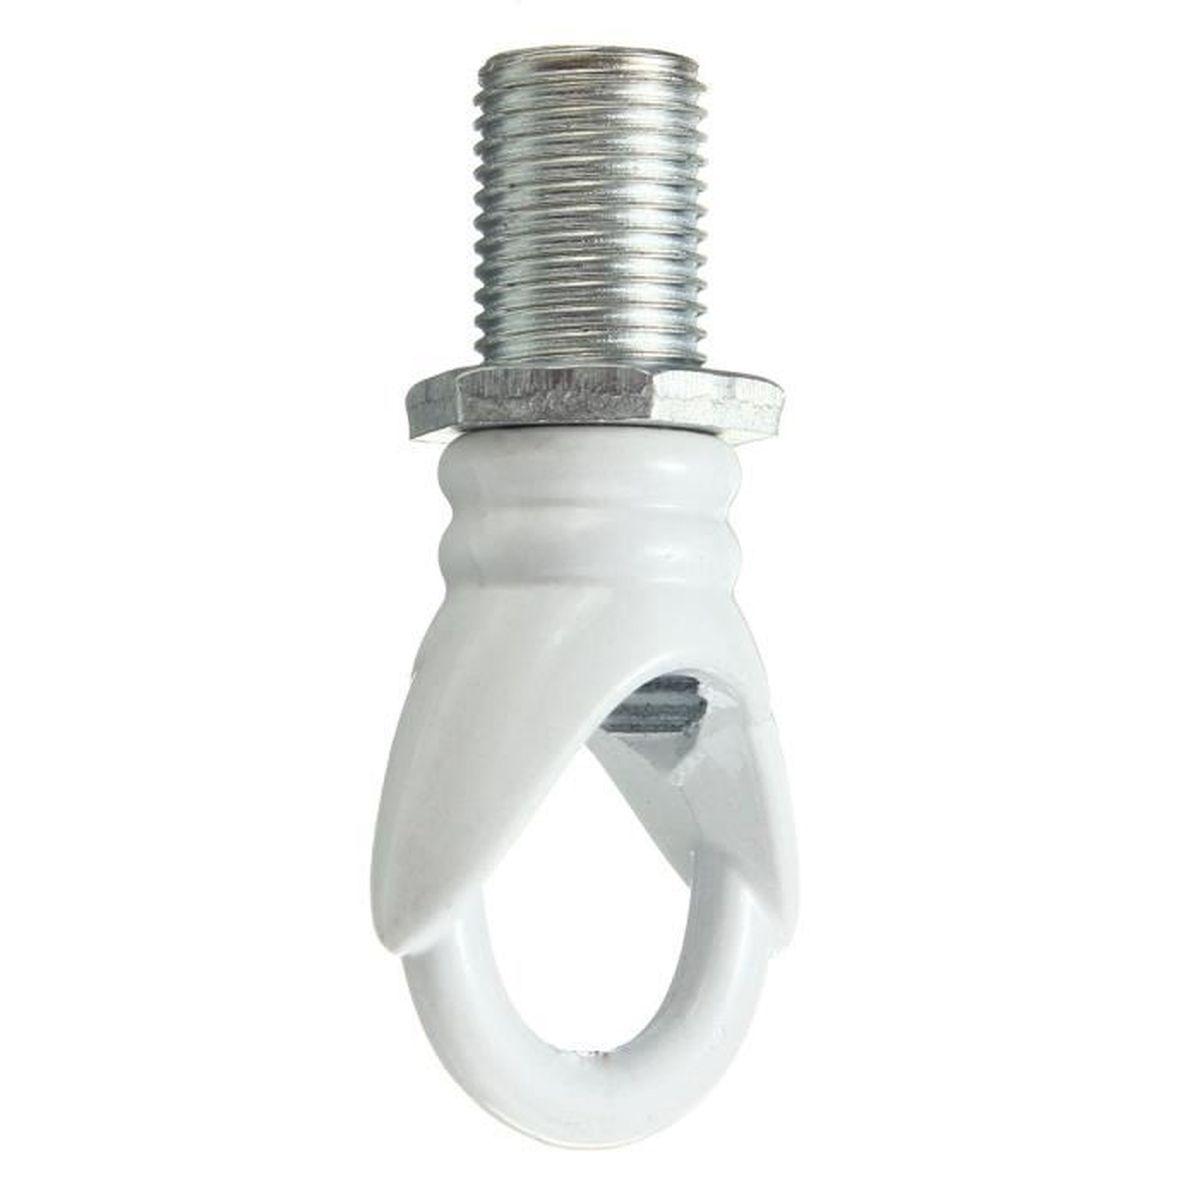 Crochet Pour Lustre dedans u crochet pour lustre accessoires de lampe décoration blanc - achat